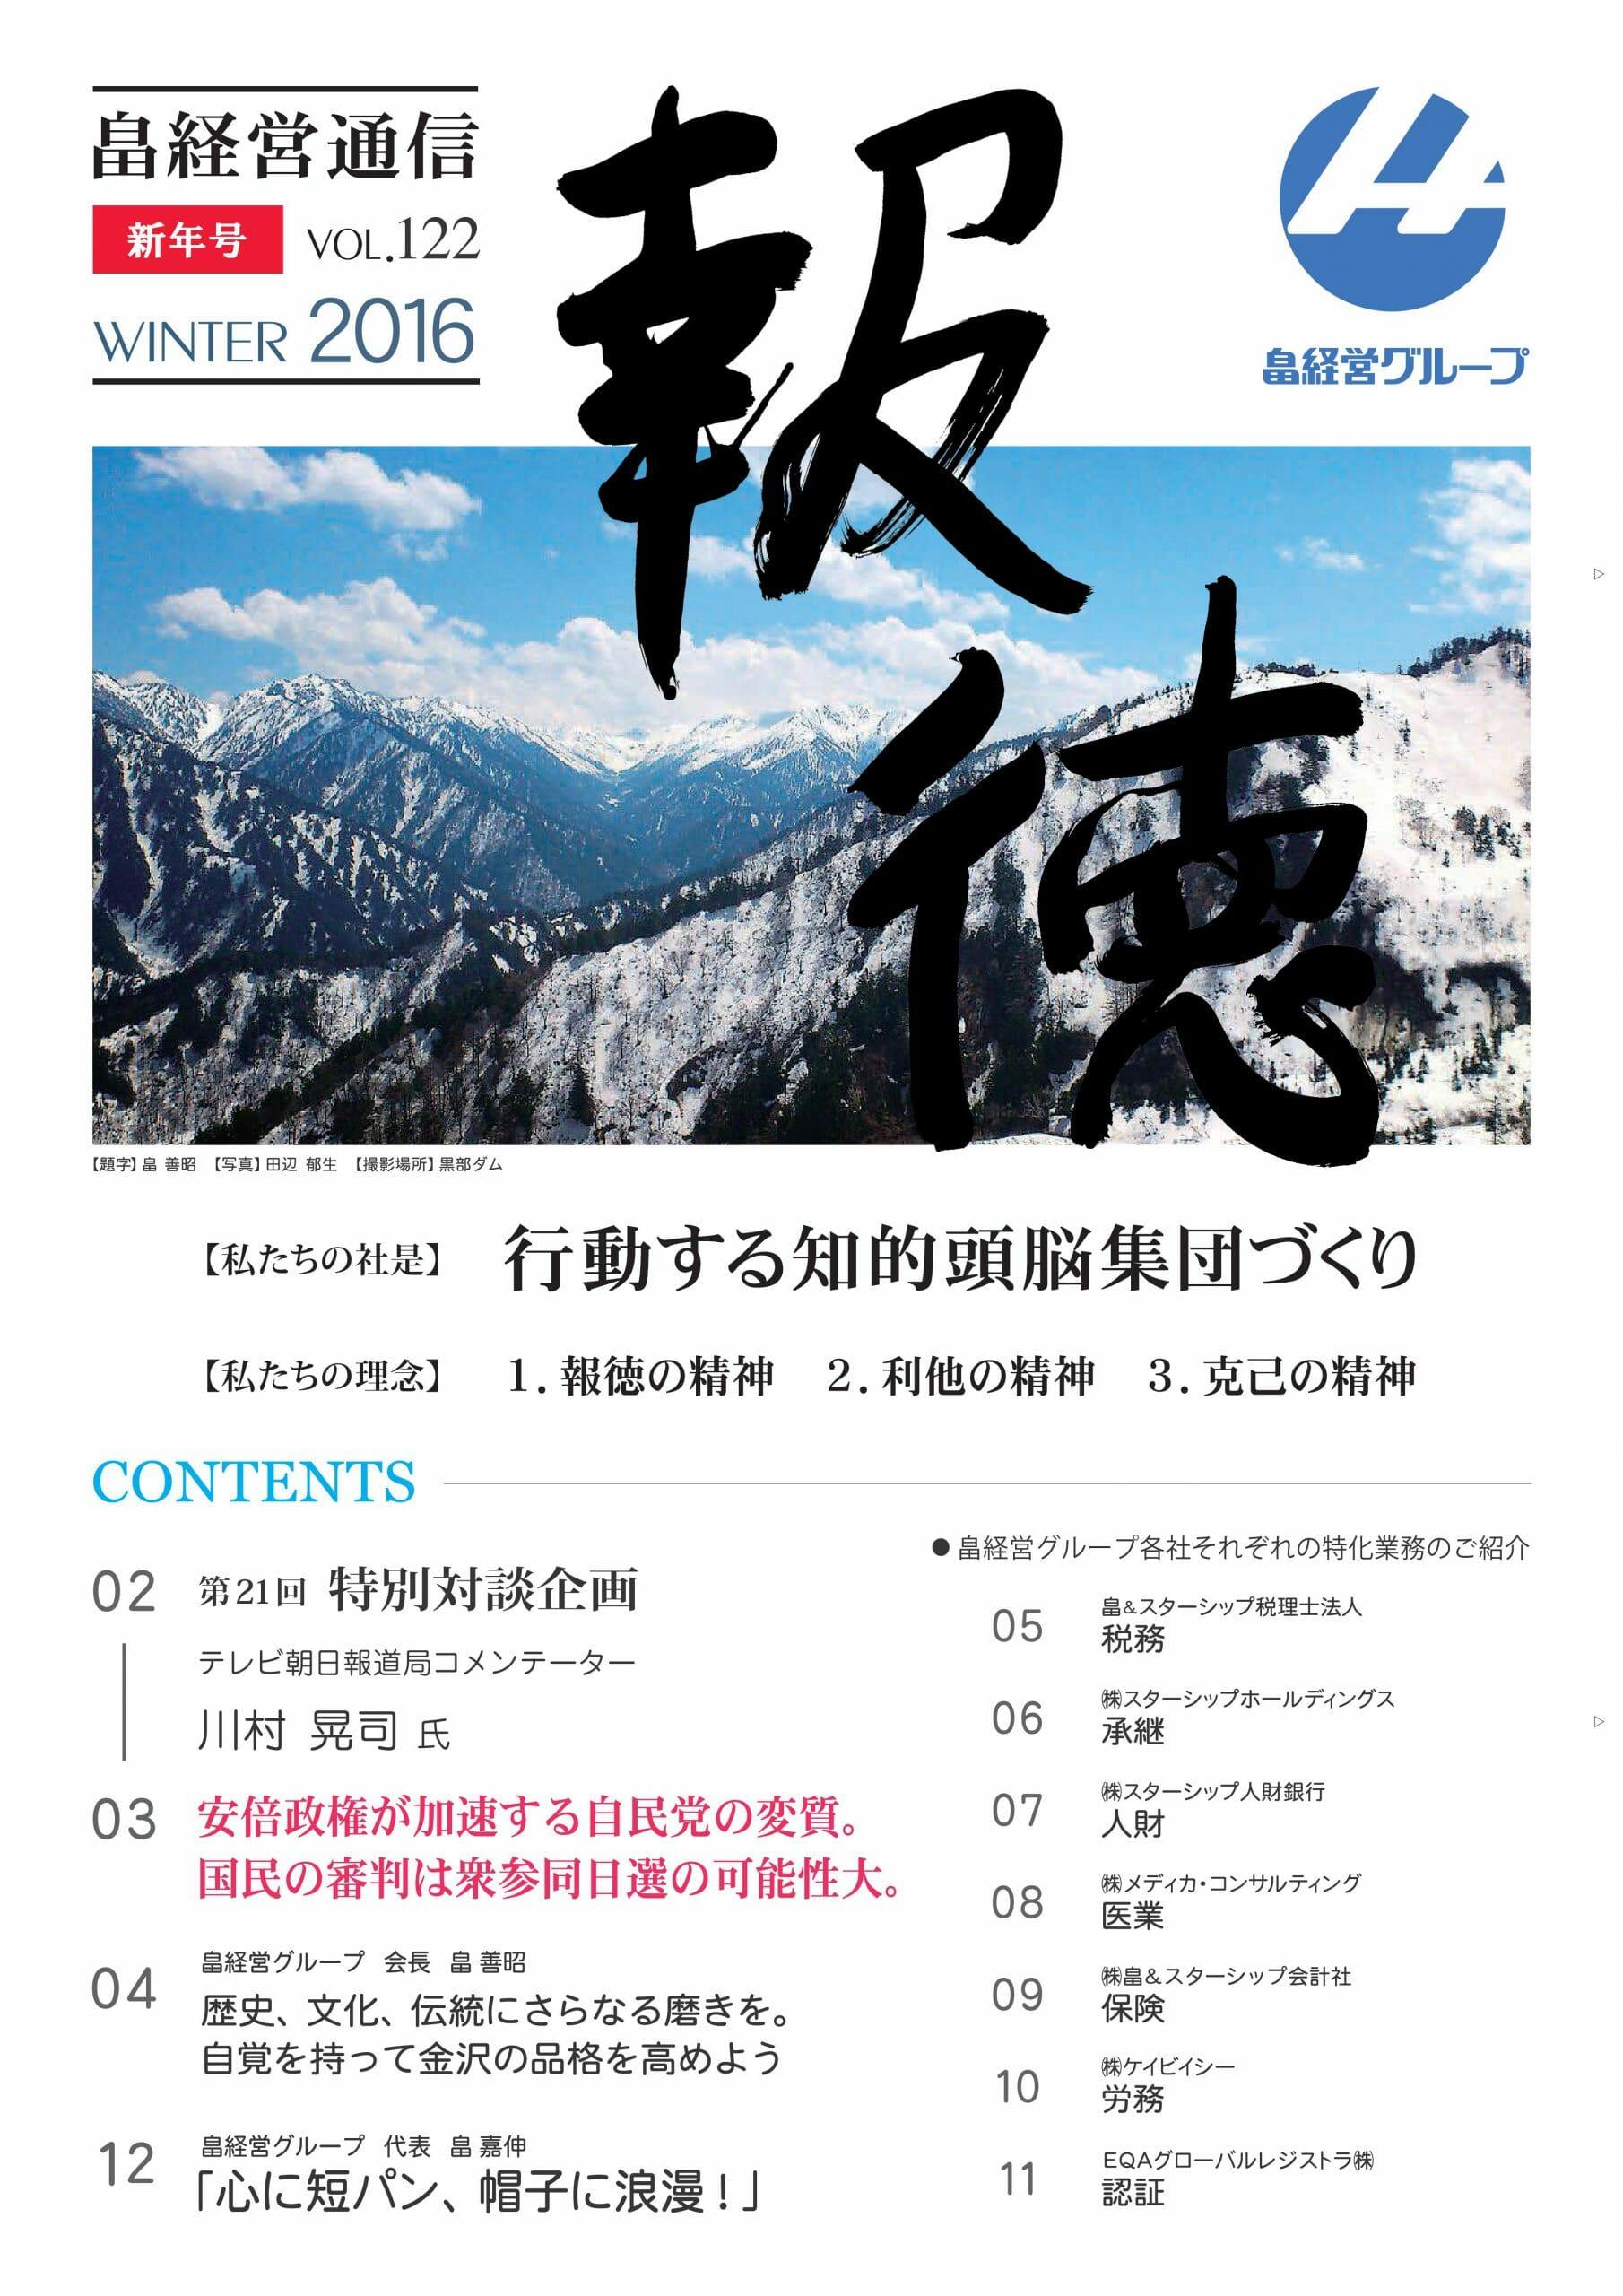 2016年1月5日 報徳新年vol.122 発刊しました